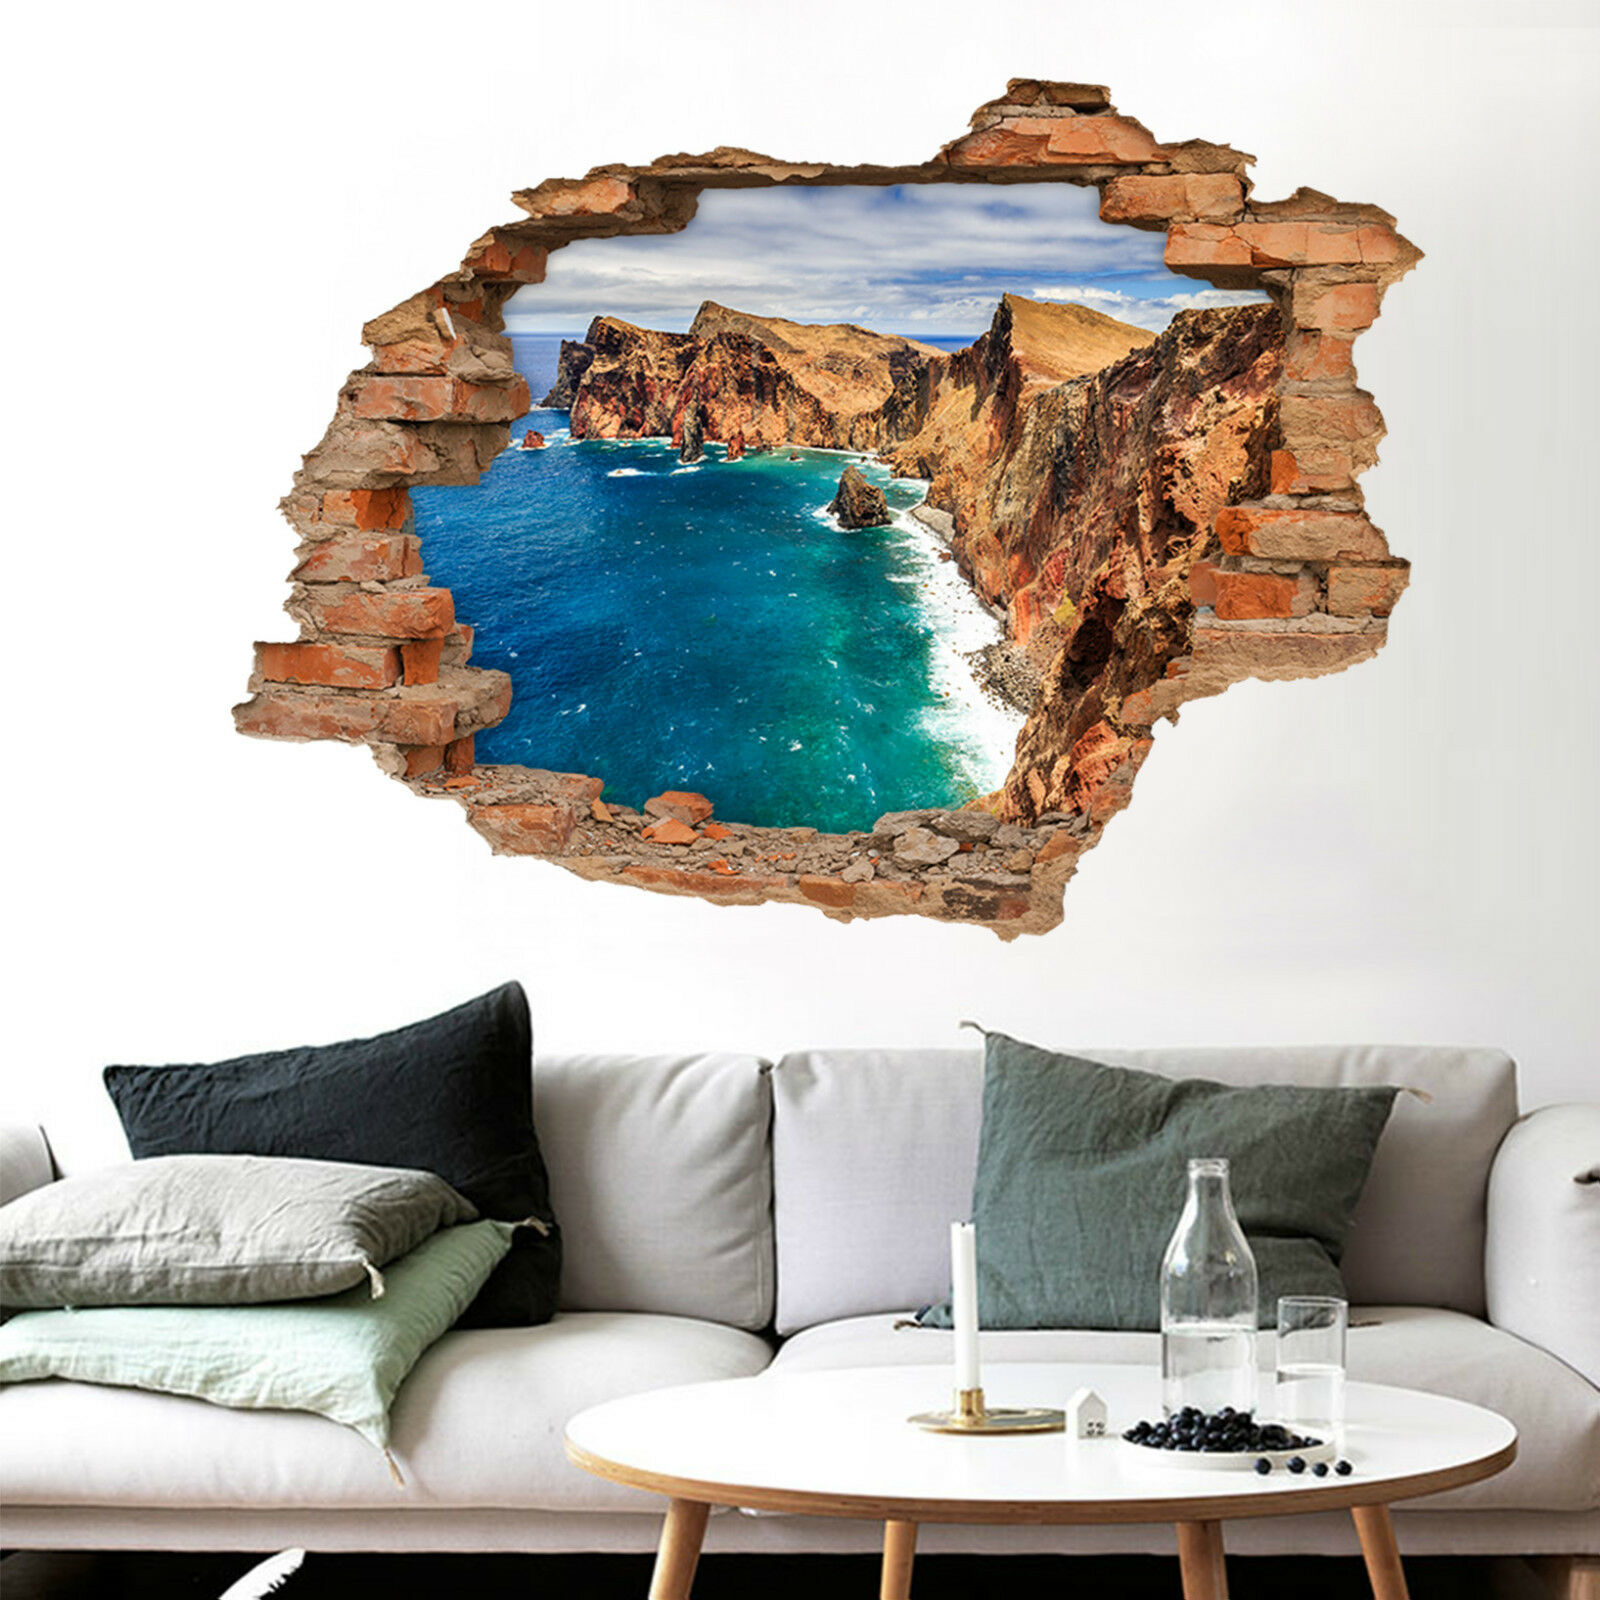 3D Cliff See 688 Mauer Murals Aufklebe Decal Durchbruch AJ WALLPAPER DE Lemon